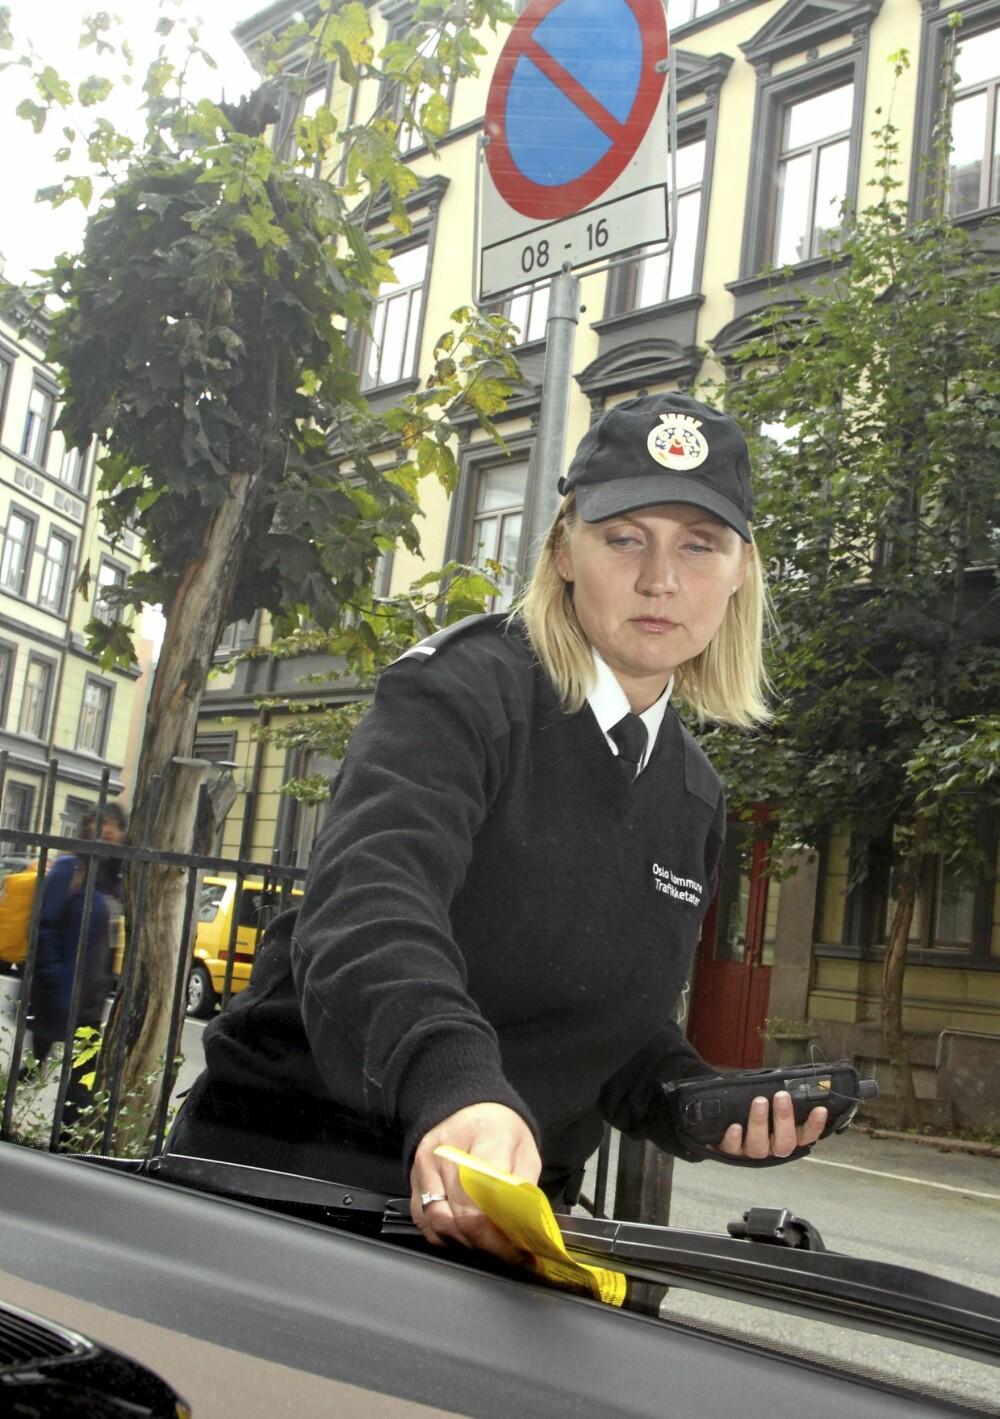 PARKERING FORBUDT: Biler som står på parkering forbudt-område er de som oftest får bot av trafikkbetjent Helene Østvann (39). - Vi prioriterer ulovlige parkeringer som hindrer fremkommelighet, sier Østvann.